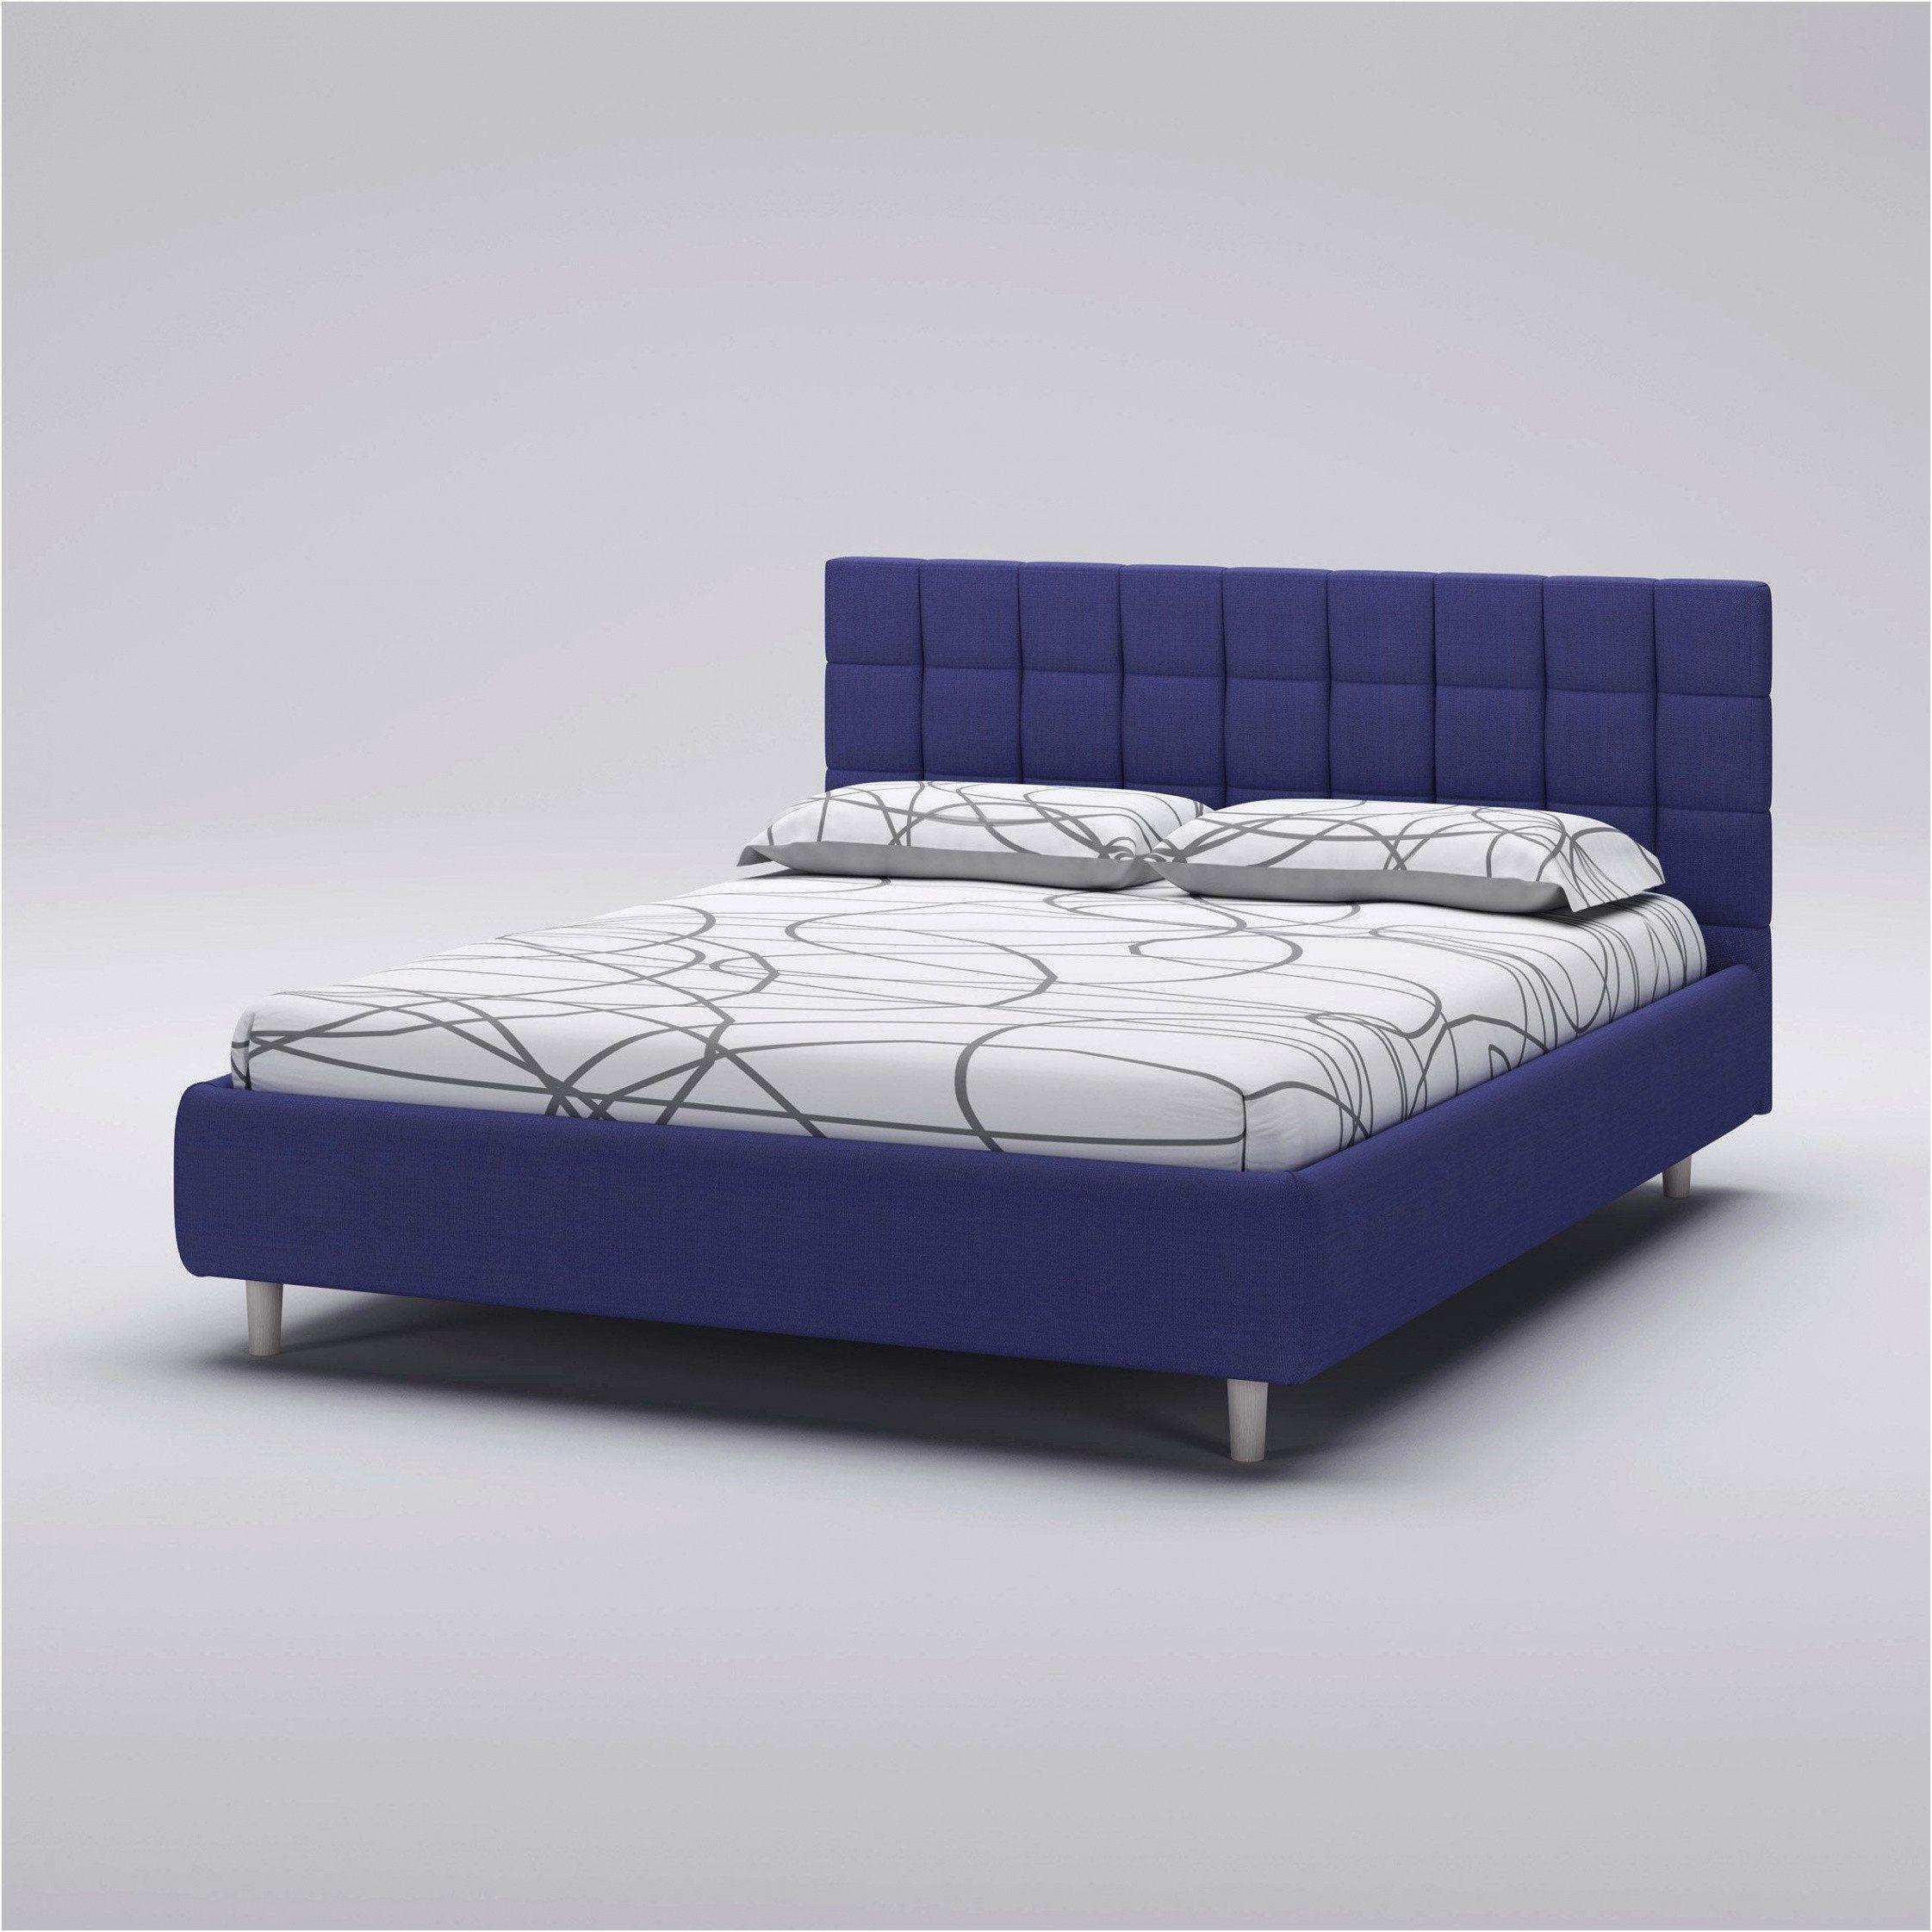 Punaise De Lit Wikipedia Frais Lit En 160—200 Ikea Bedden 160 X 200 Luxe Bett Ikea 200—200 Schön